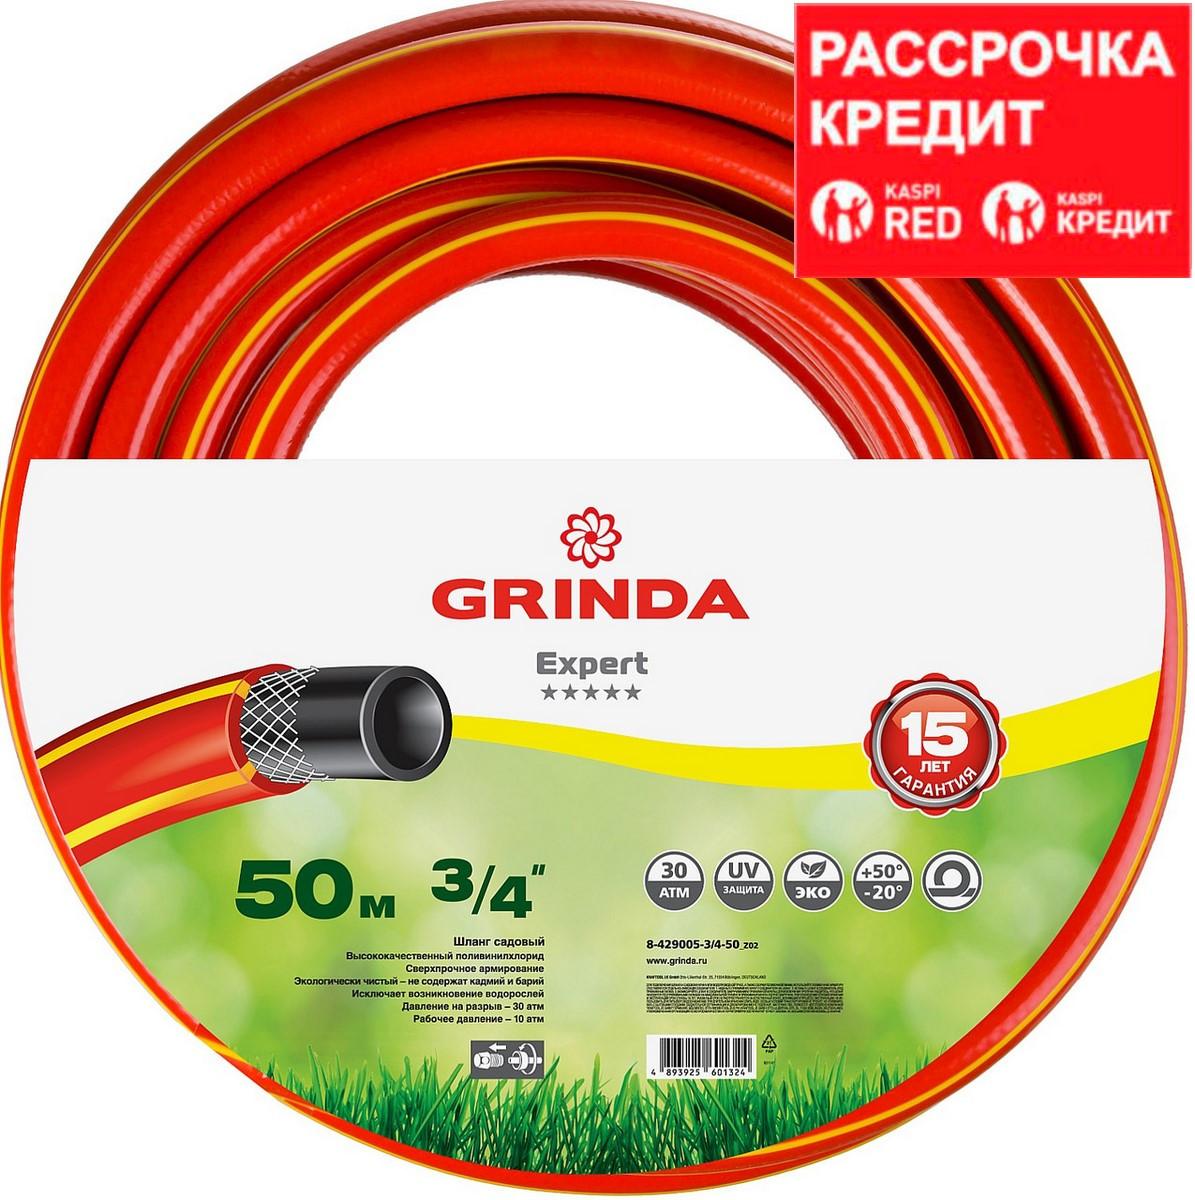 """GRINDA PROLine EXPERT 3 3/4"""", 50 м, 30 атм трёхслойный поливочный шланг, армированный (8-429005-3/4-50_z02)"""